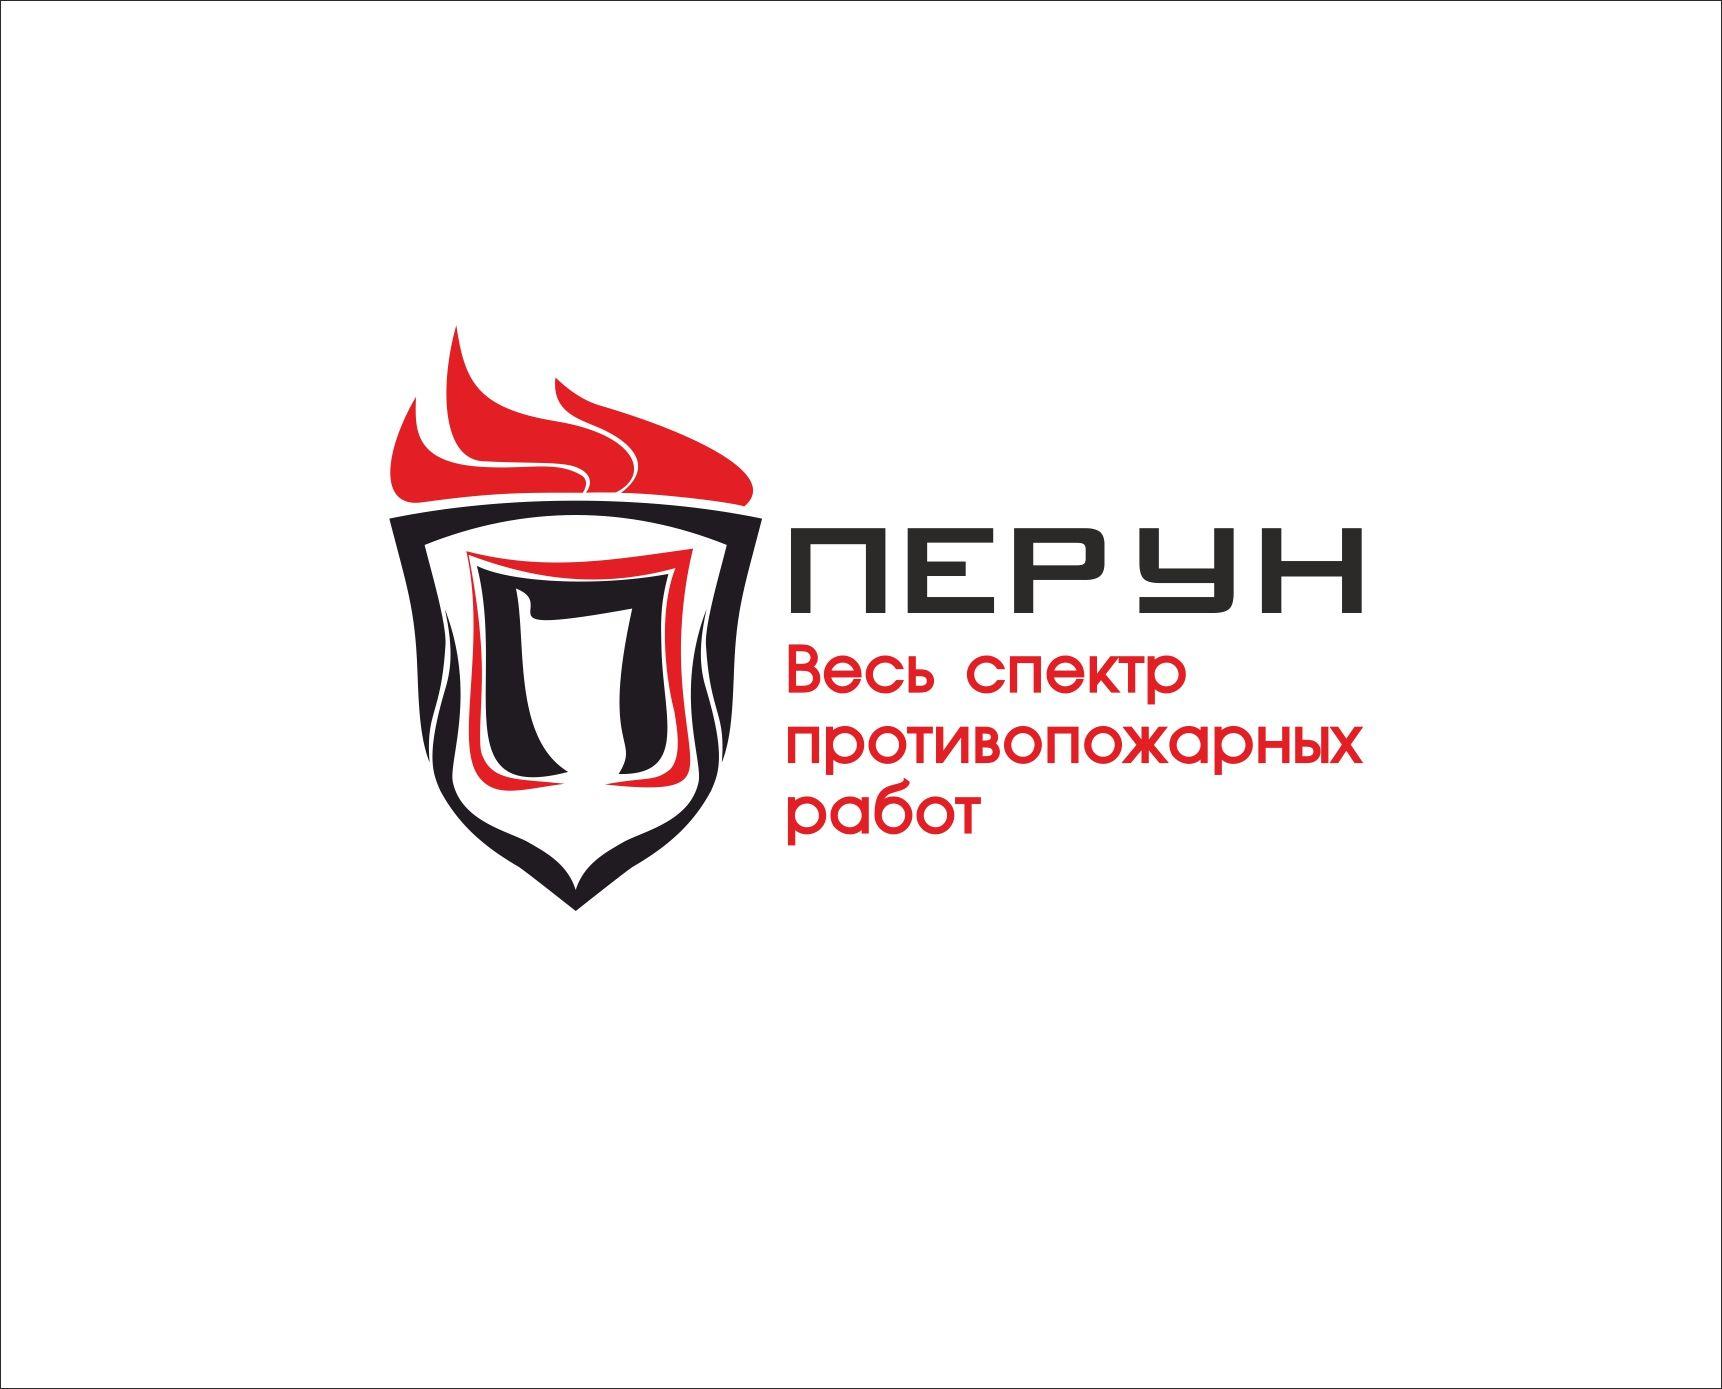 Логотип для компании пожарной безопасности Перун - дизайнер art-valeri